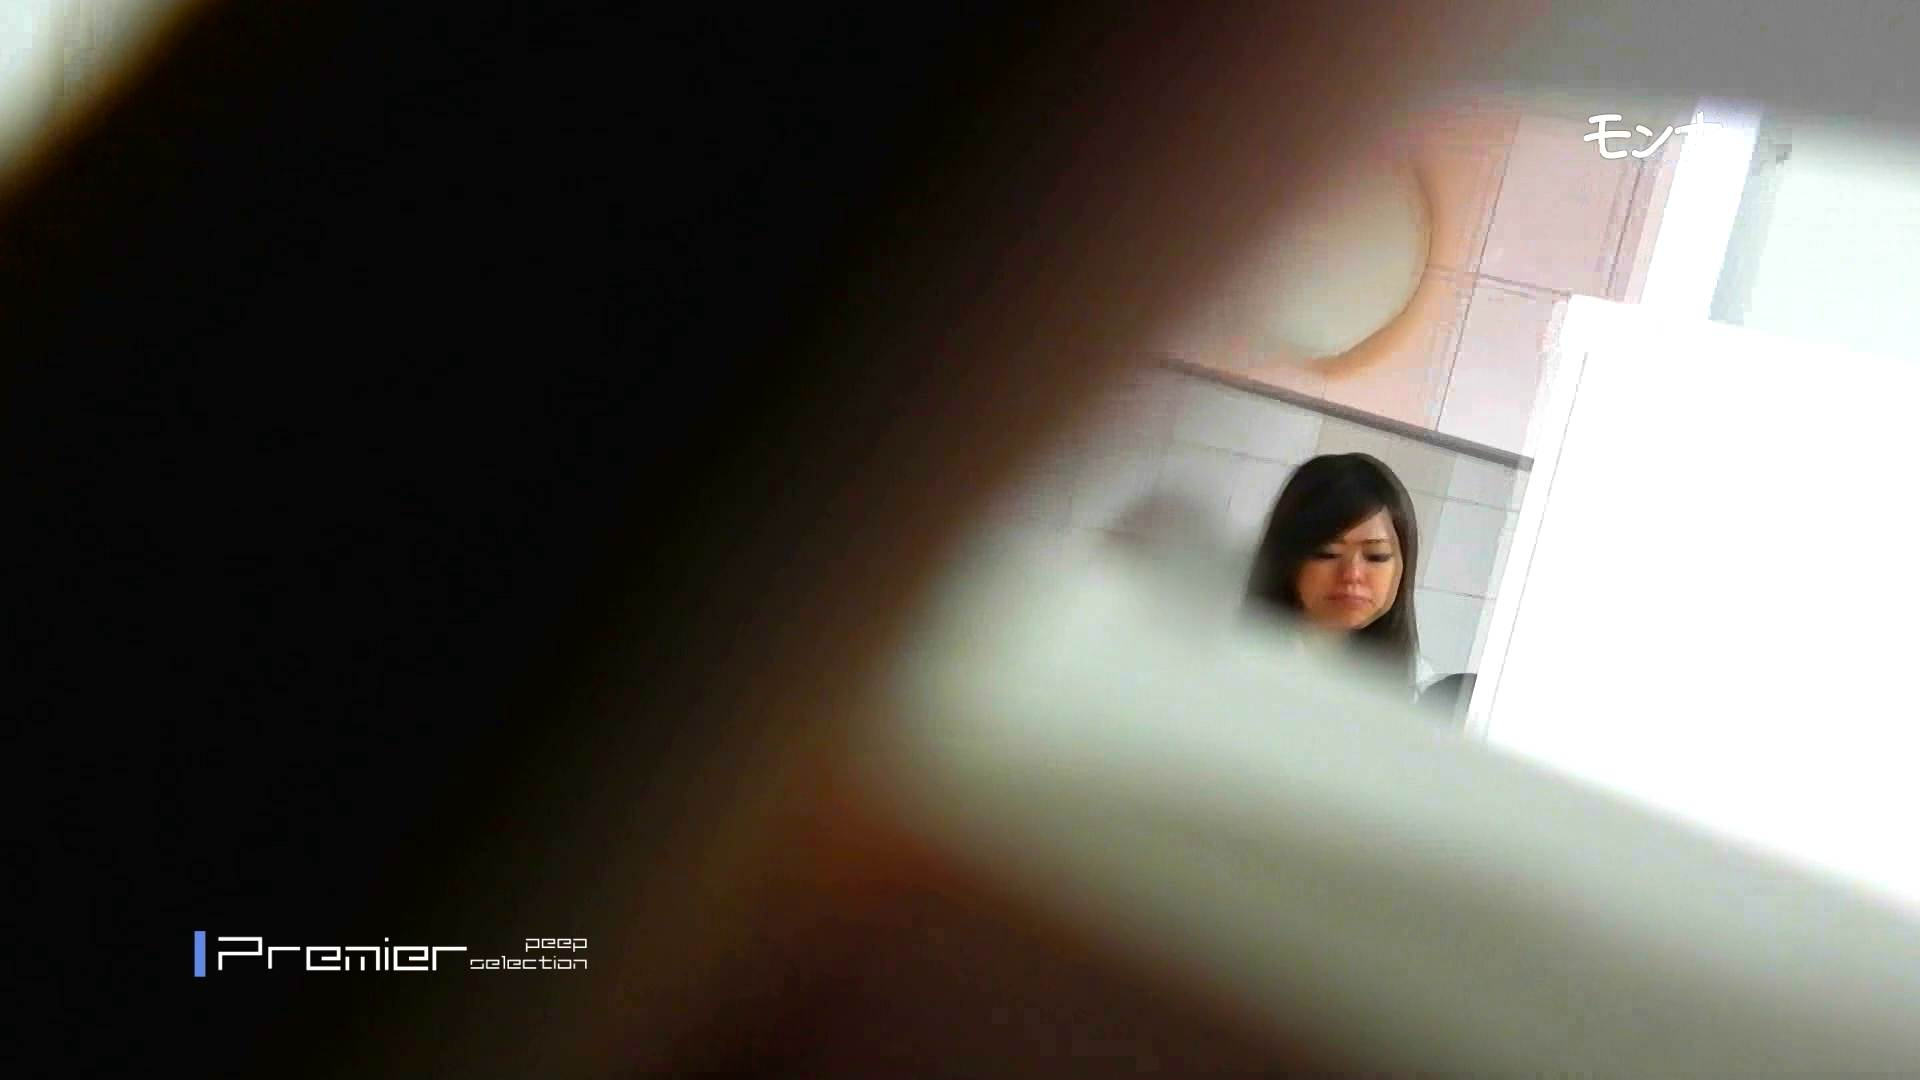 遂に!!戸田恵梨香似の予告モデル登場ダッシュで「大」 盗撮  105pic 81